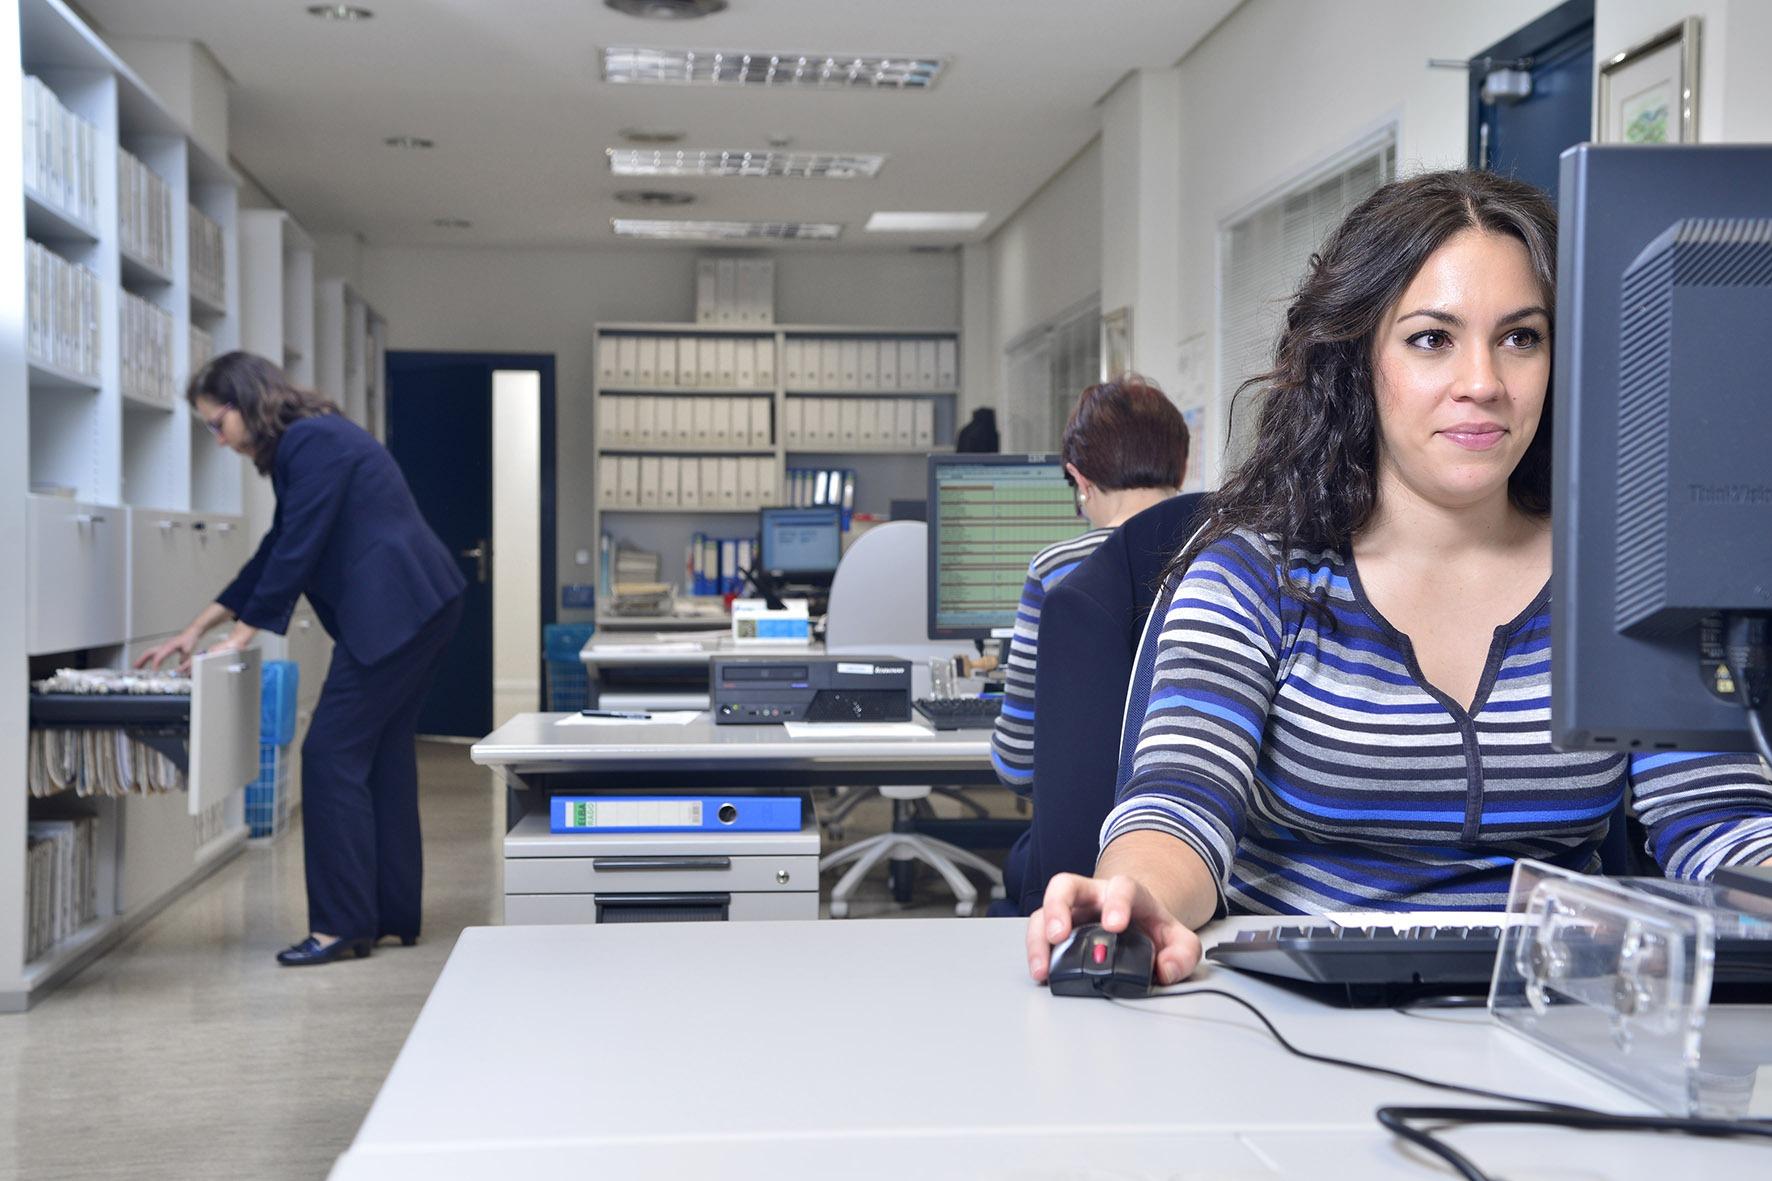 Trabajadores en una empresa, plan preventivo asepeyo